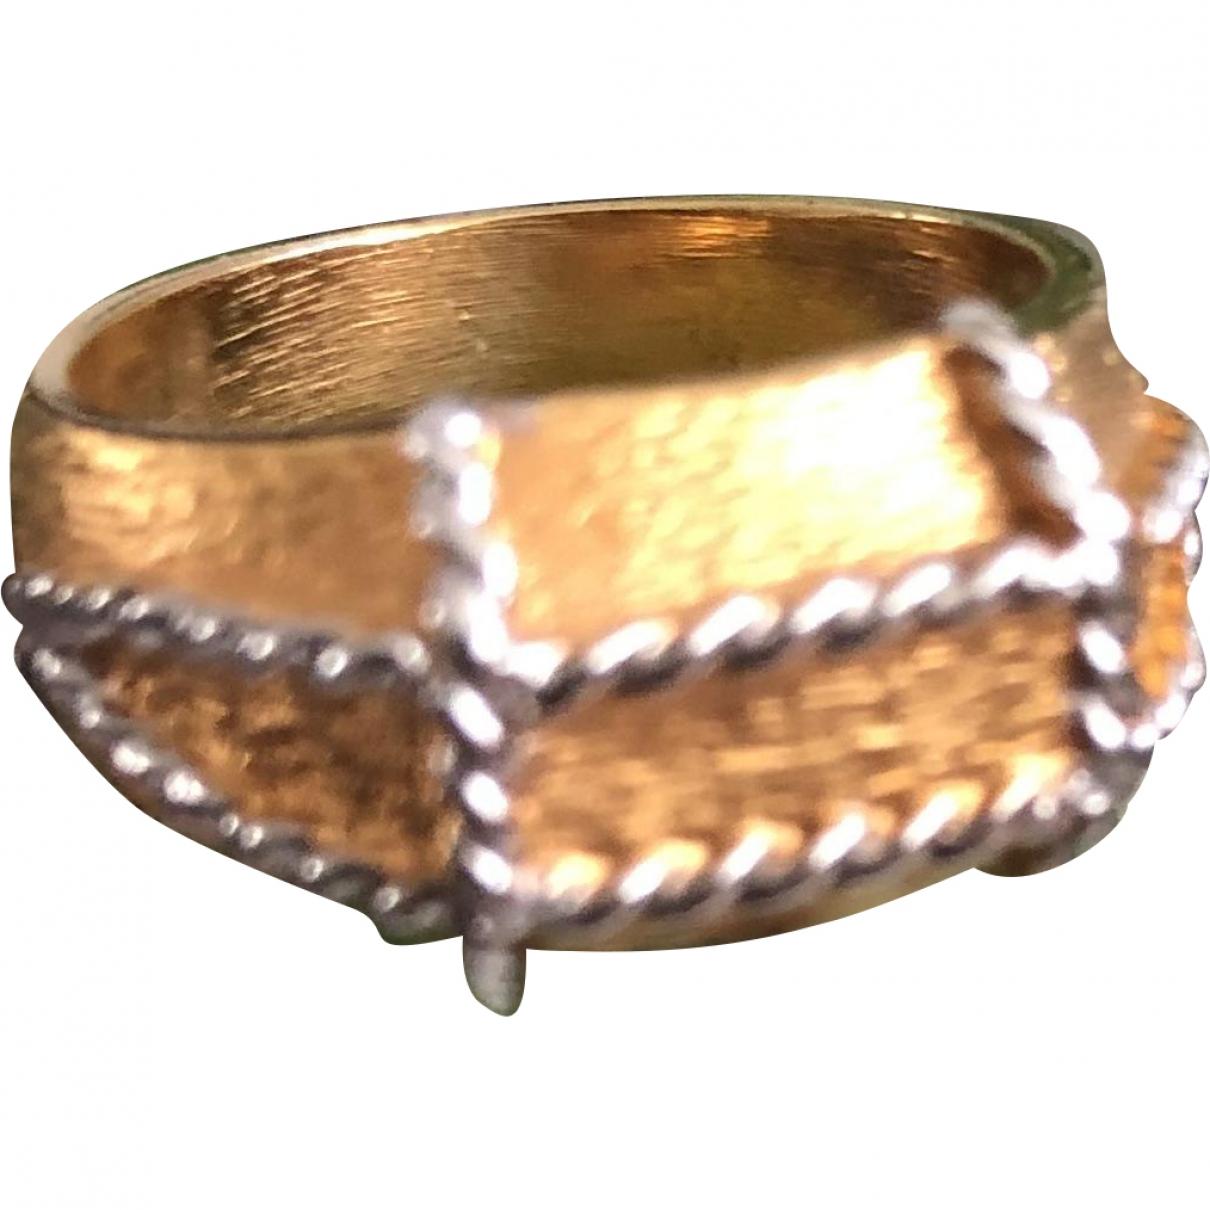 Lanvin \N Gold Metal ring for Women \N